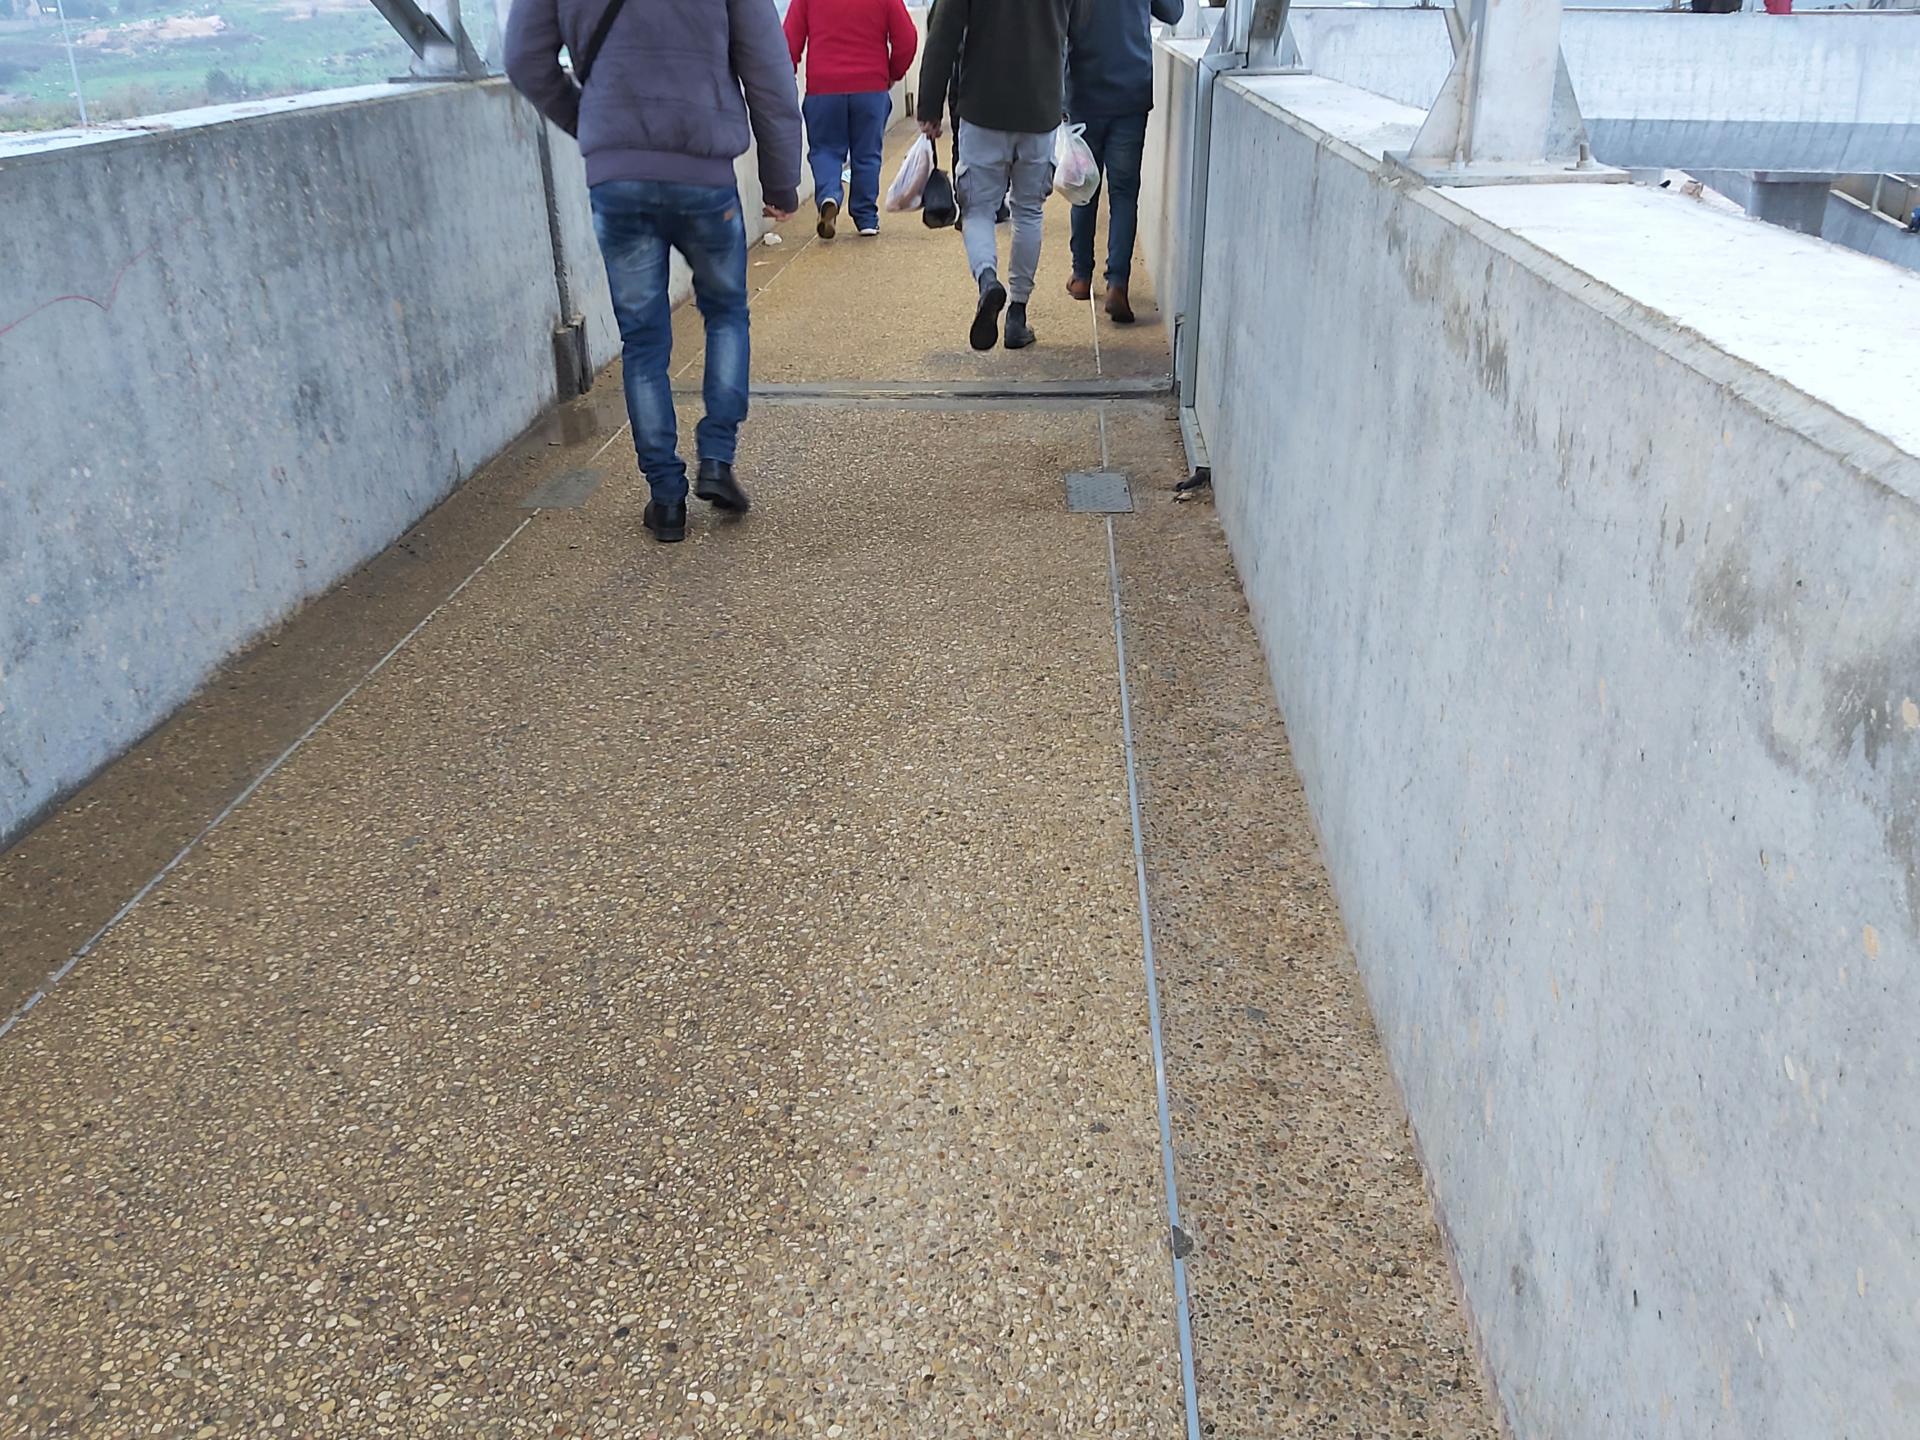 הנשם מרטיב את גשר הולכי הרגל